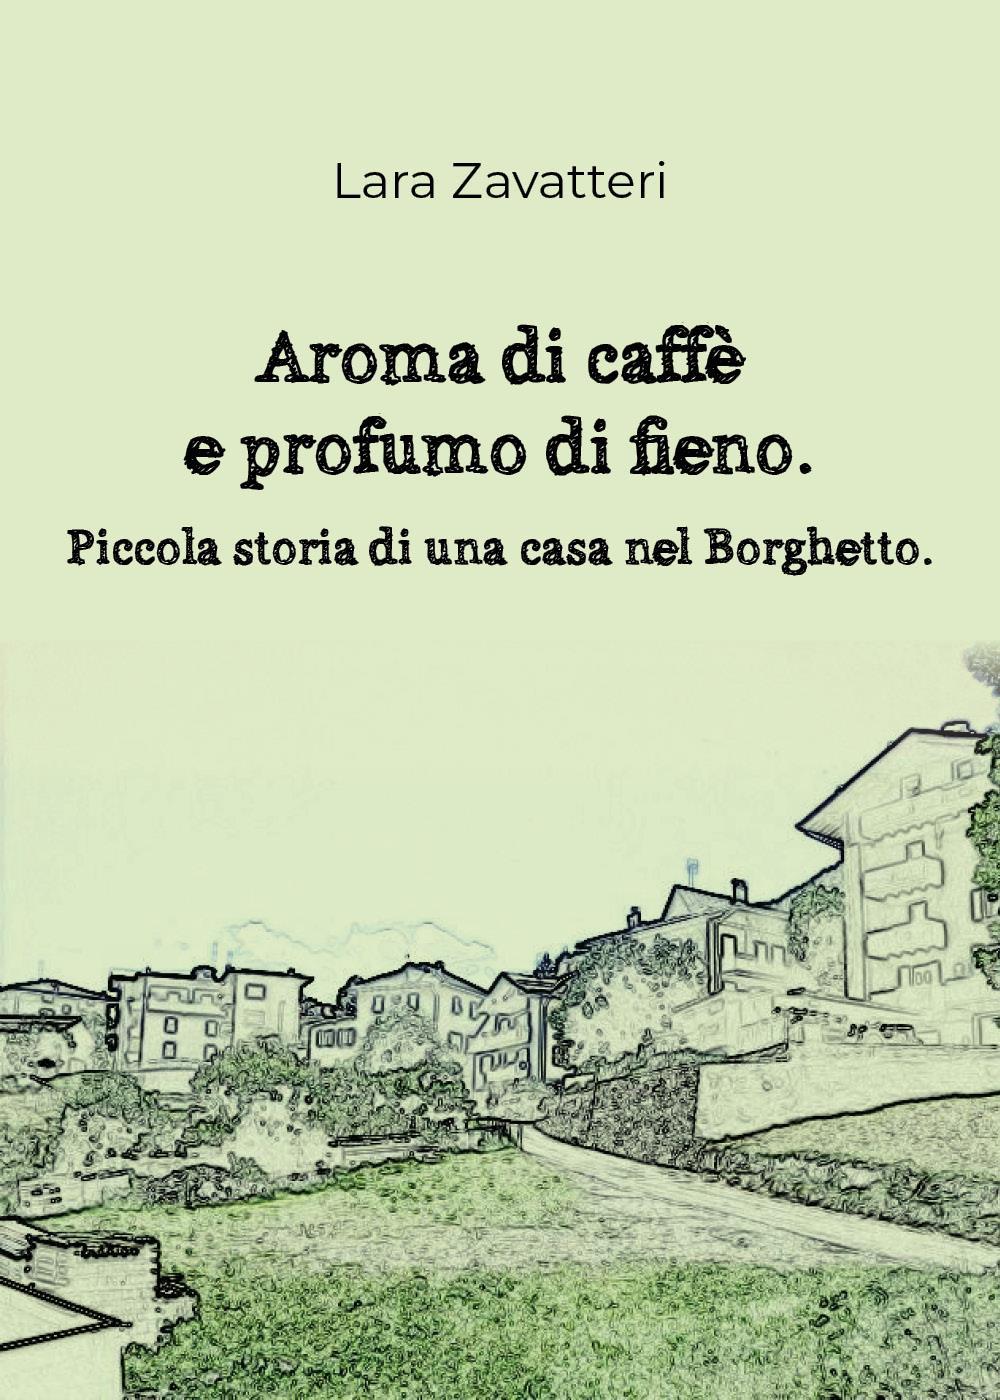 Aroma di caffè e profumo di fieno. Piccola storia di una casa nel Borghetto.